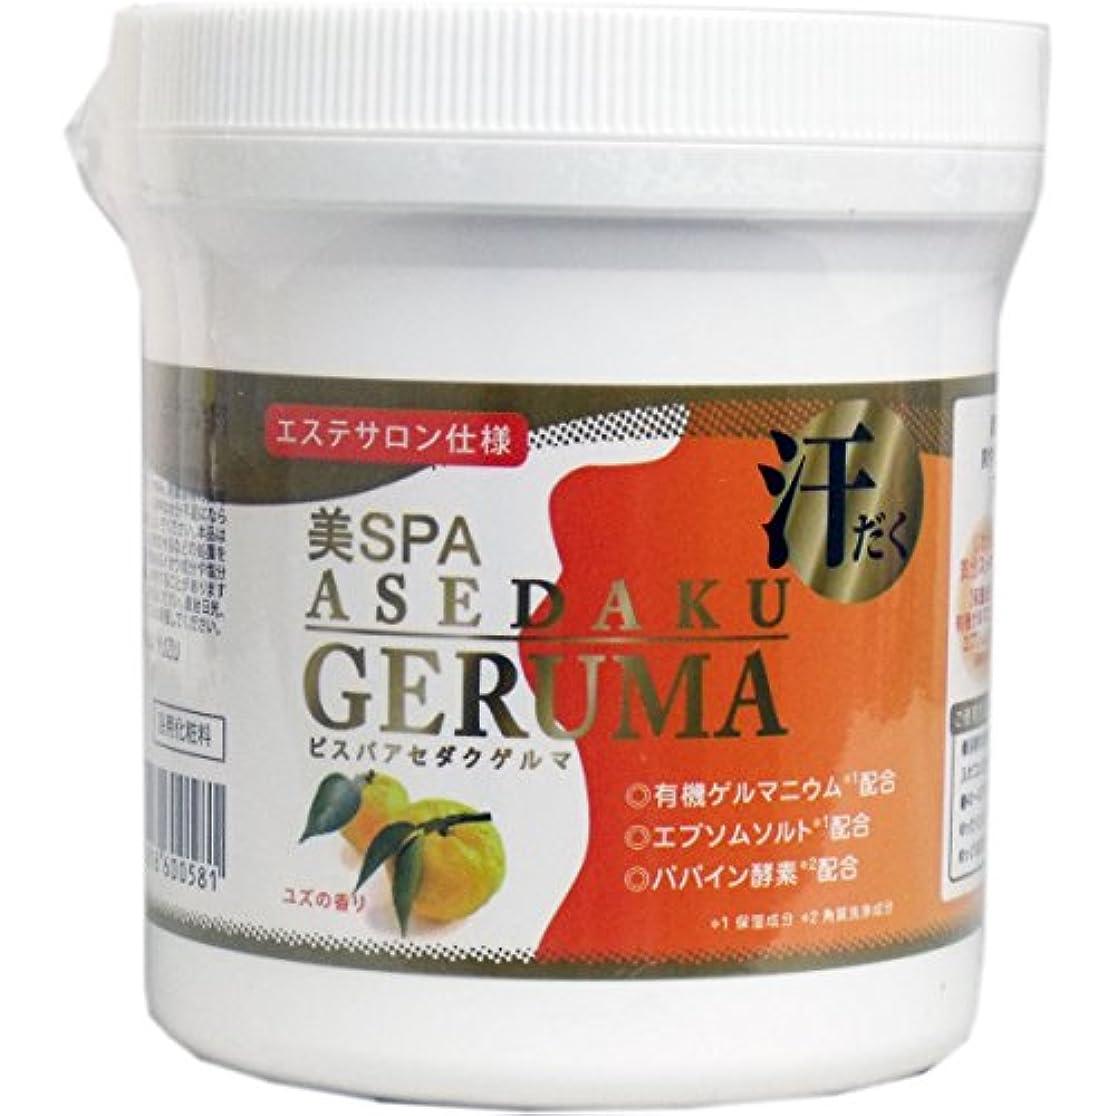 旅行代理店尊敬する上に日本生化学 ビスパ アセダクゲルマ ユズの香り 400g